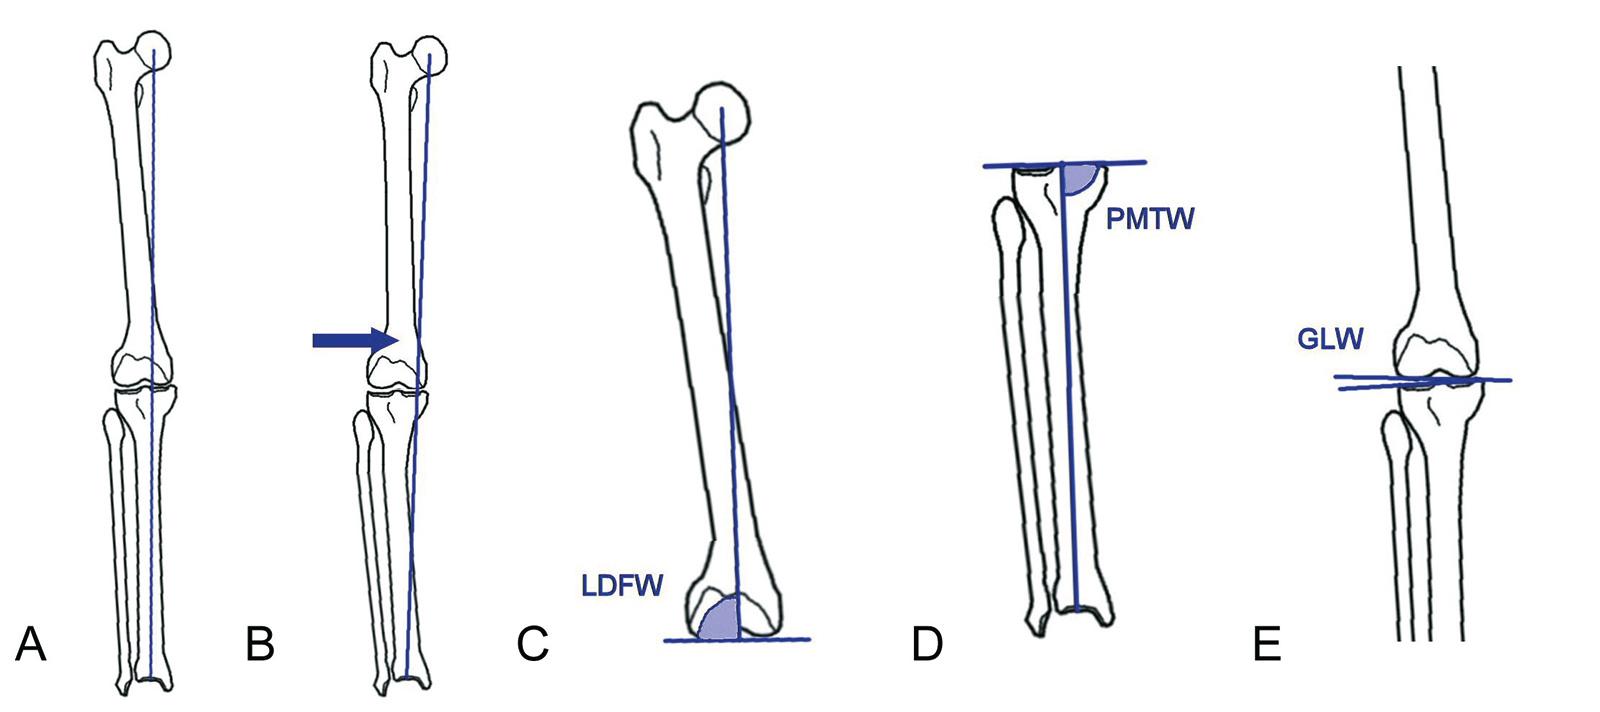 Abb. 1-33: Analyse der Deformität: normale mechanische Beinachse (A), Varusfehlstellung (B), lateraler distaler Femurwinkel (C), proximaler medialer Tibiawinkel (D) und Gelenklinienwinkel (E)